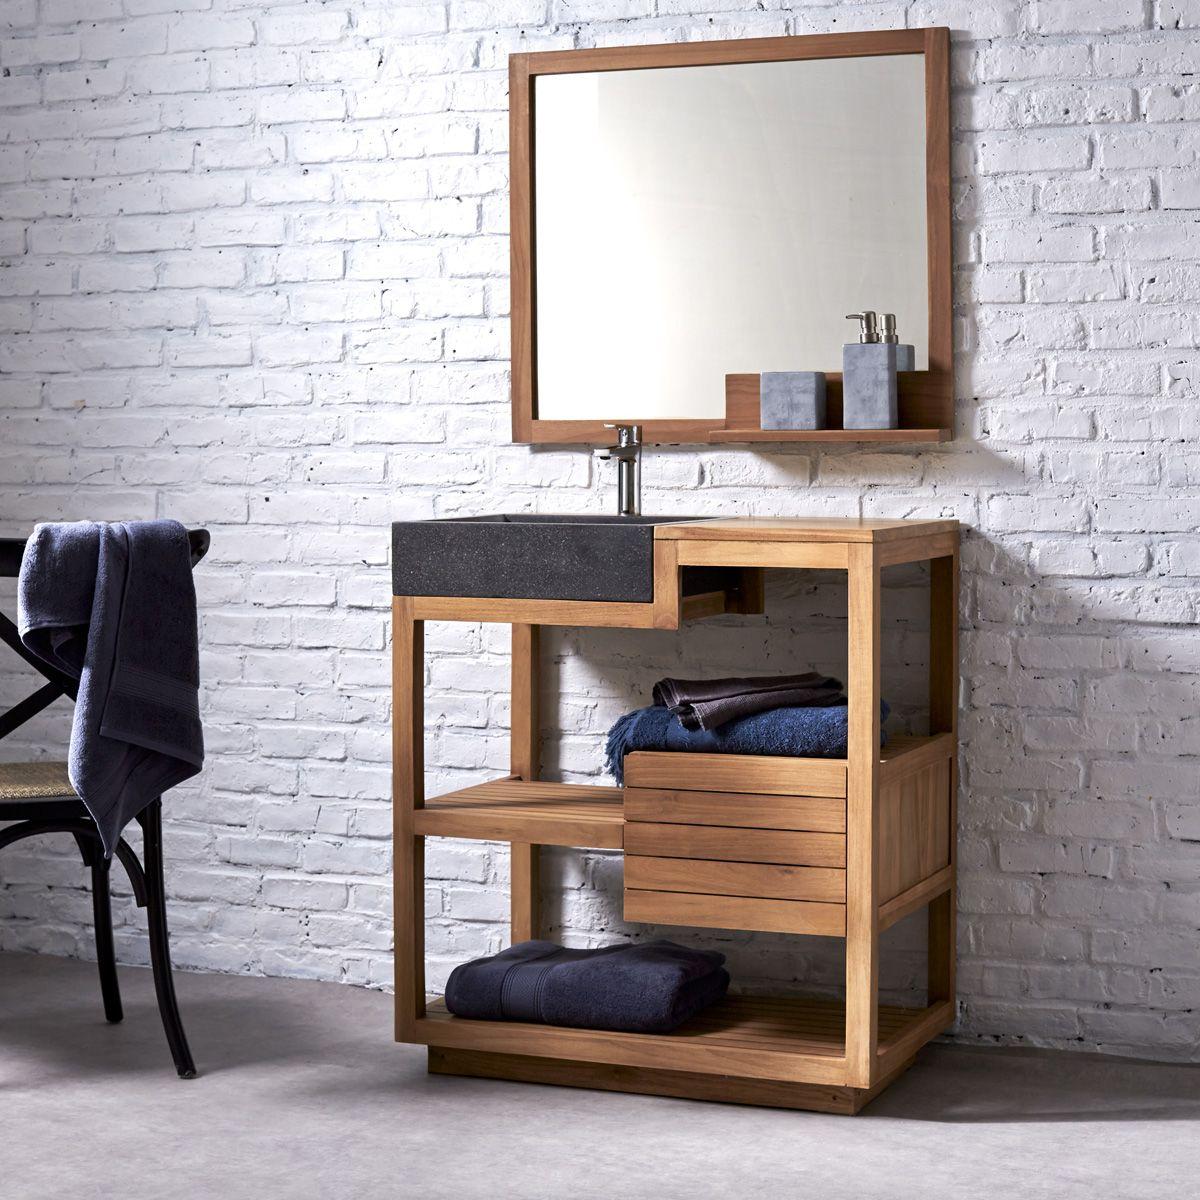 Badezimmermöbel teakholz  Badmöbel mit Waschbecken aus Teak 80 Pure | Pinterest | Waschbecken ...